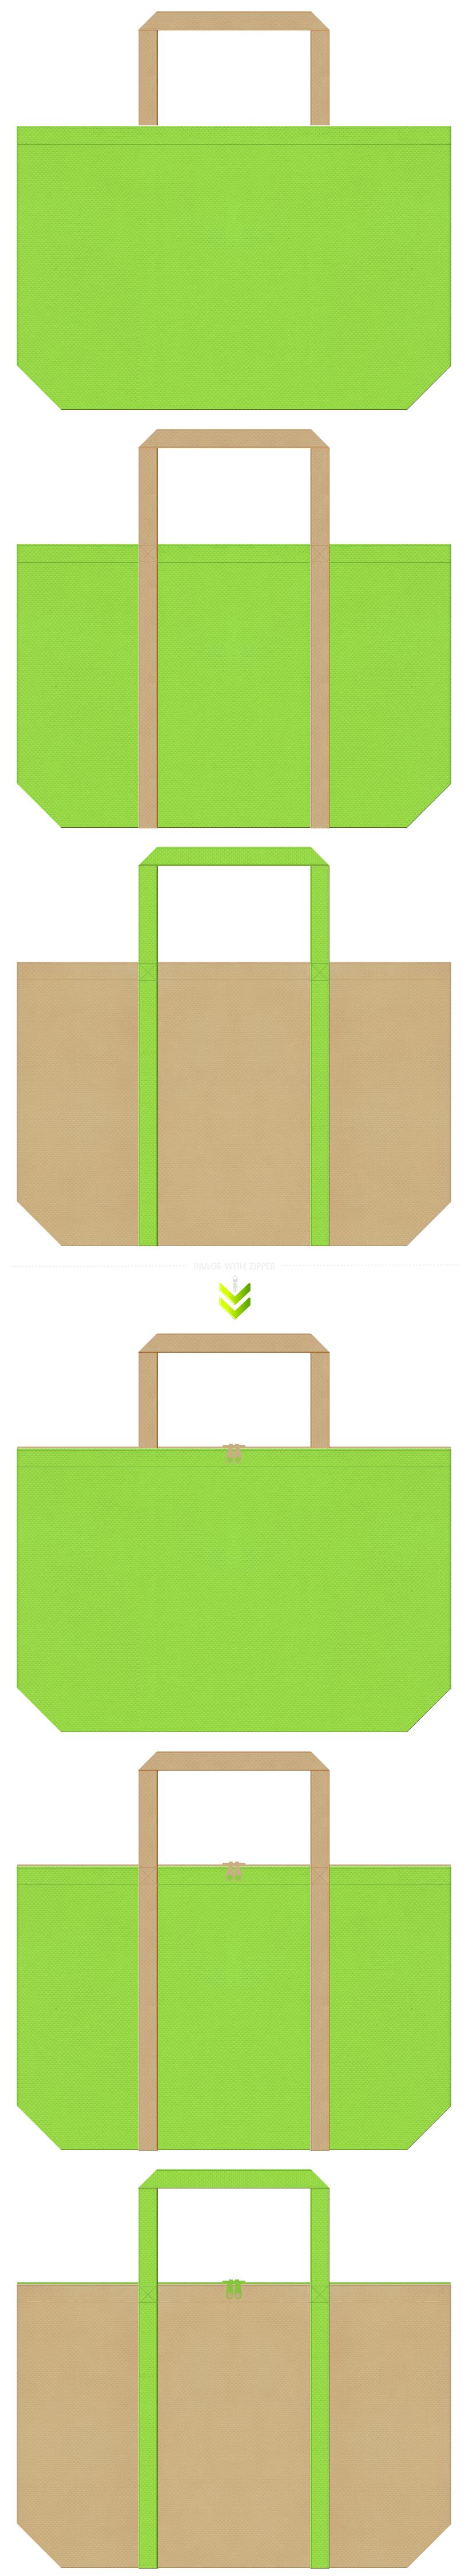 園芸用品・野菜・牧場・産直市場のショッピングバッグにお奨めの不織布バッグデザイン:黄緑色とカーキ色のコーデ